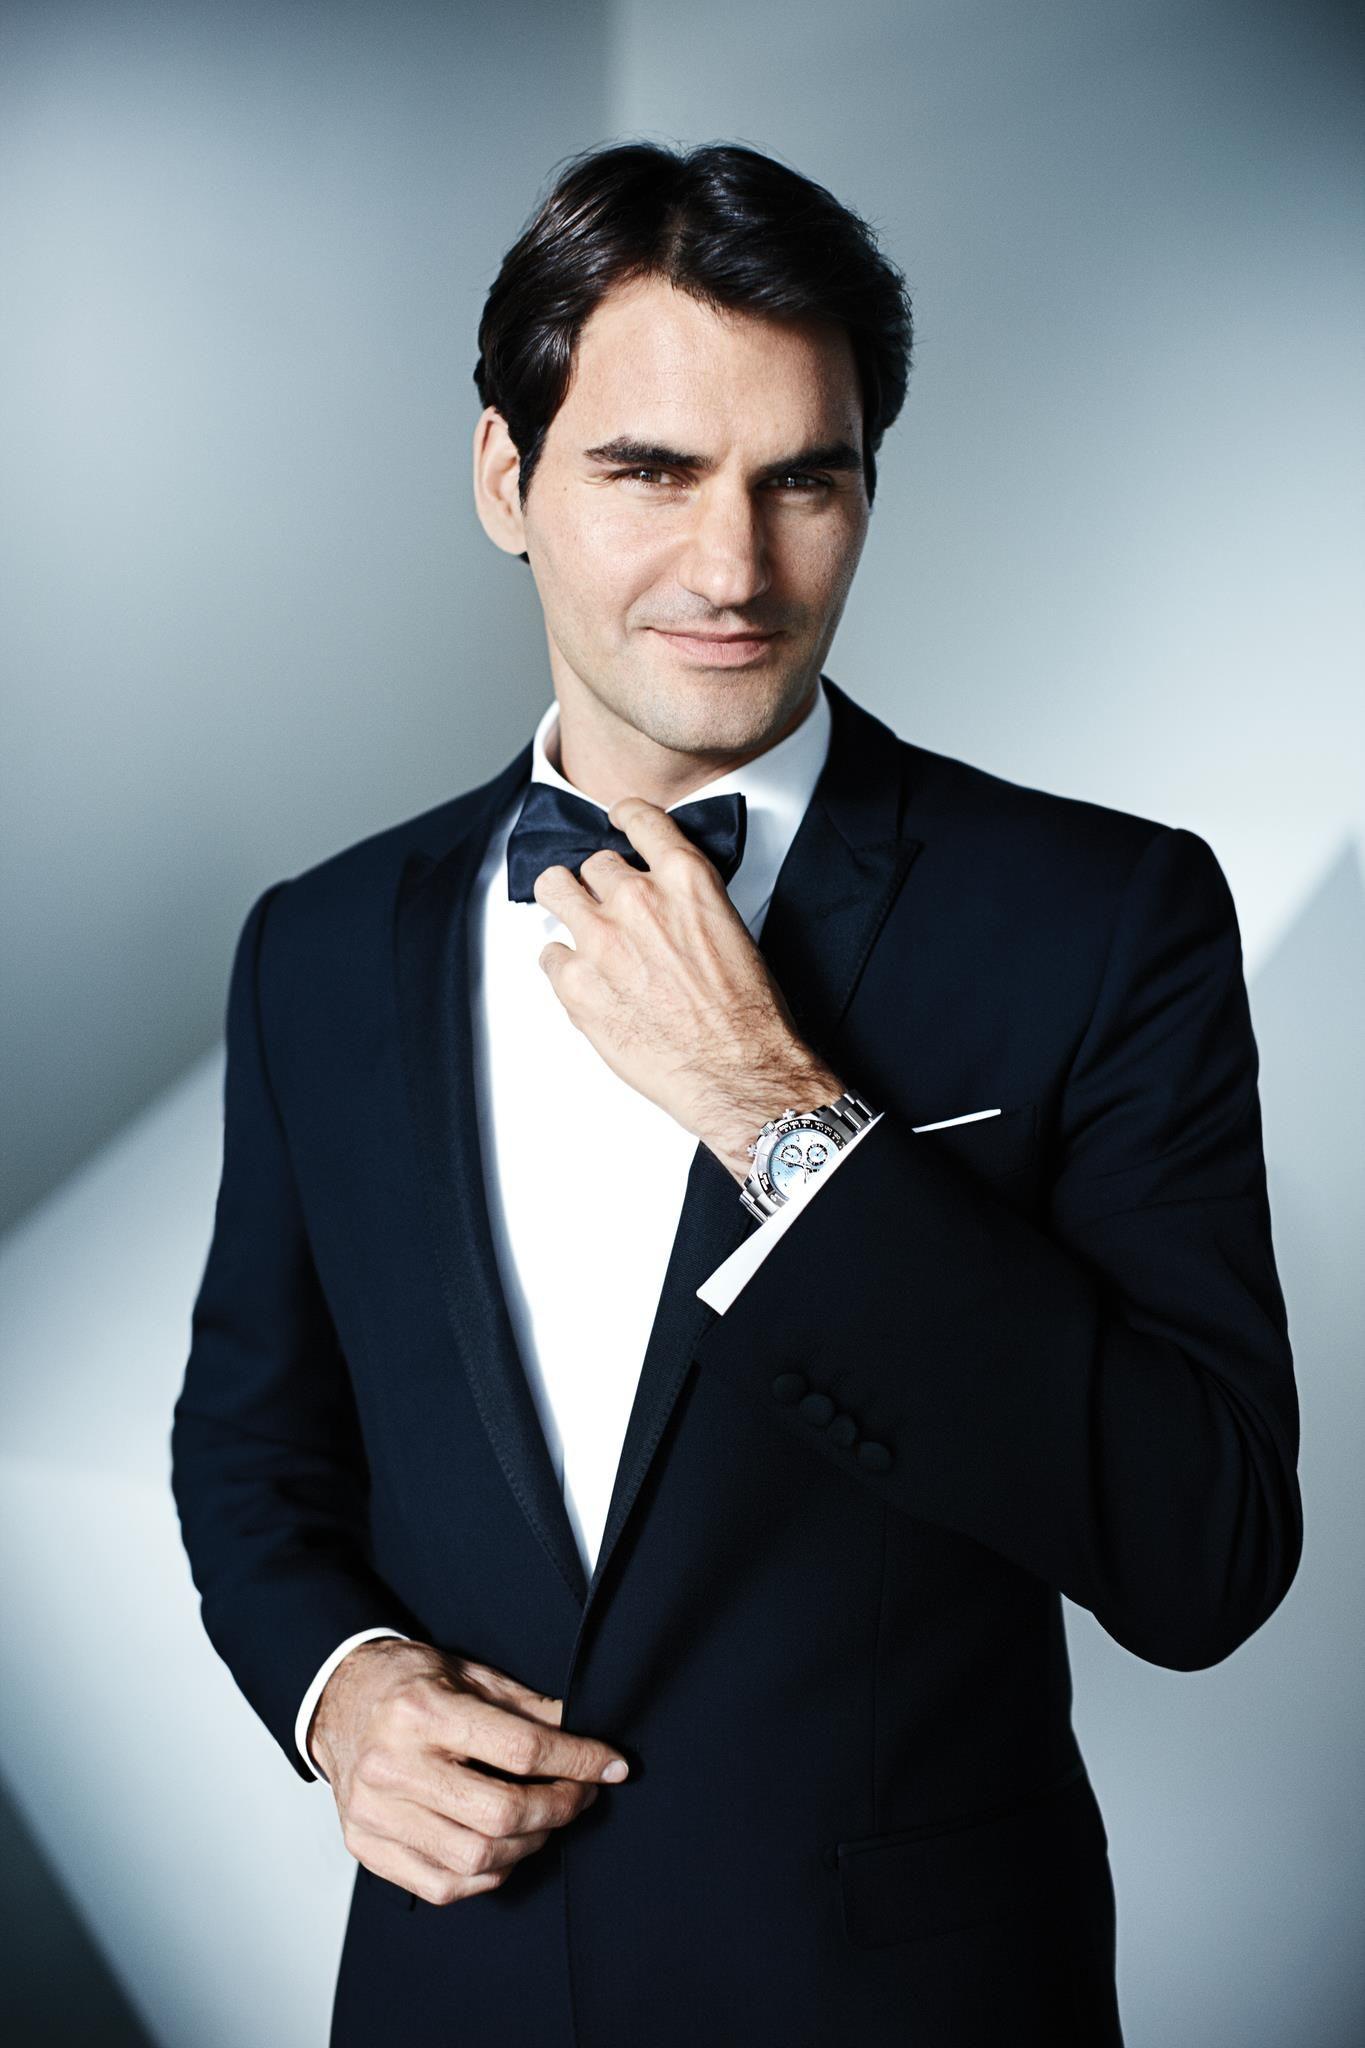 Roger Federer In Tuxedo Bow Tie Lenoeudpapillonfr Sport New Knot Styles Diagrams Http Lenoeudpapillonblogspotcom 2012